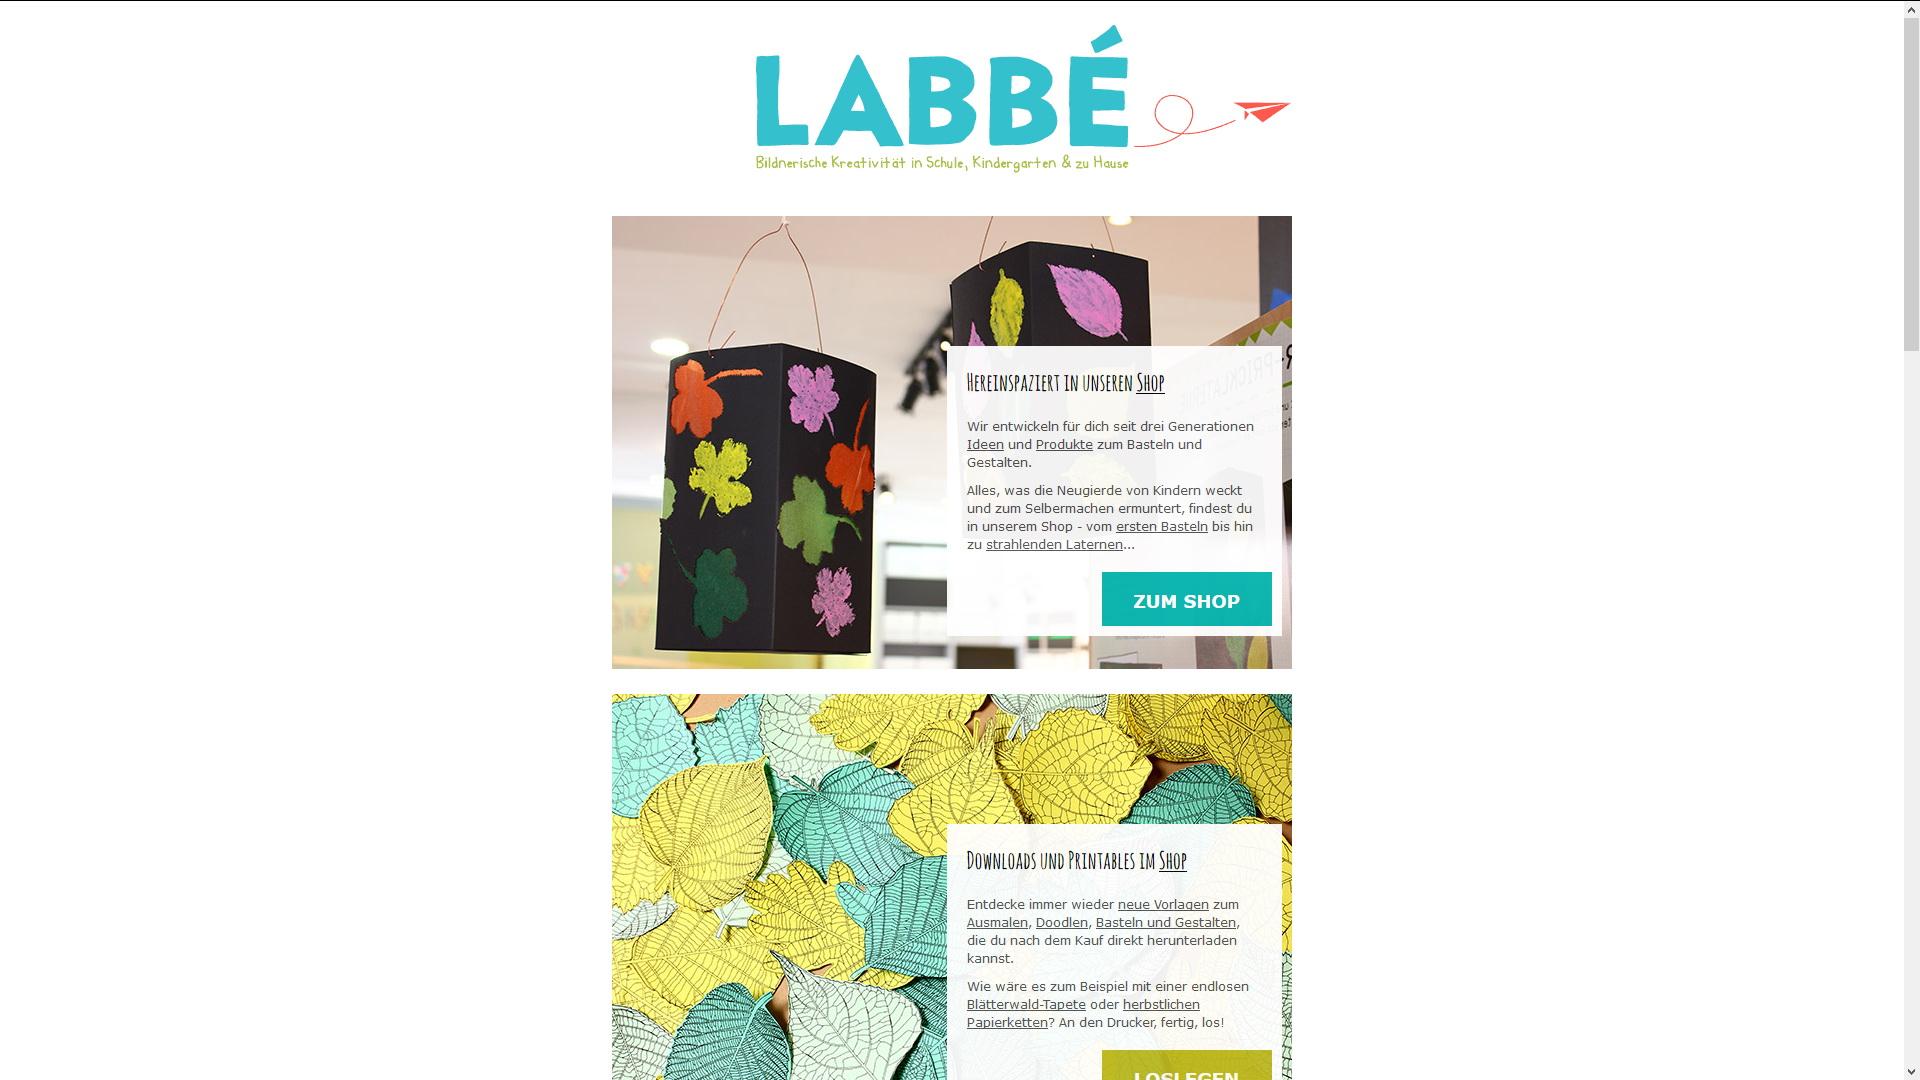 www.labbe.de